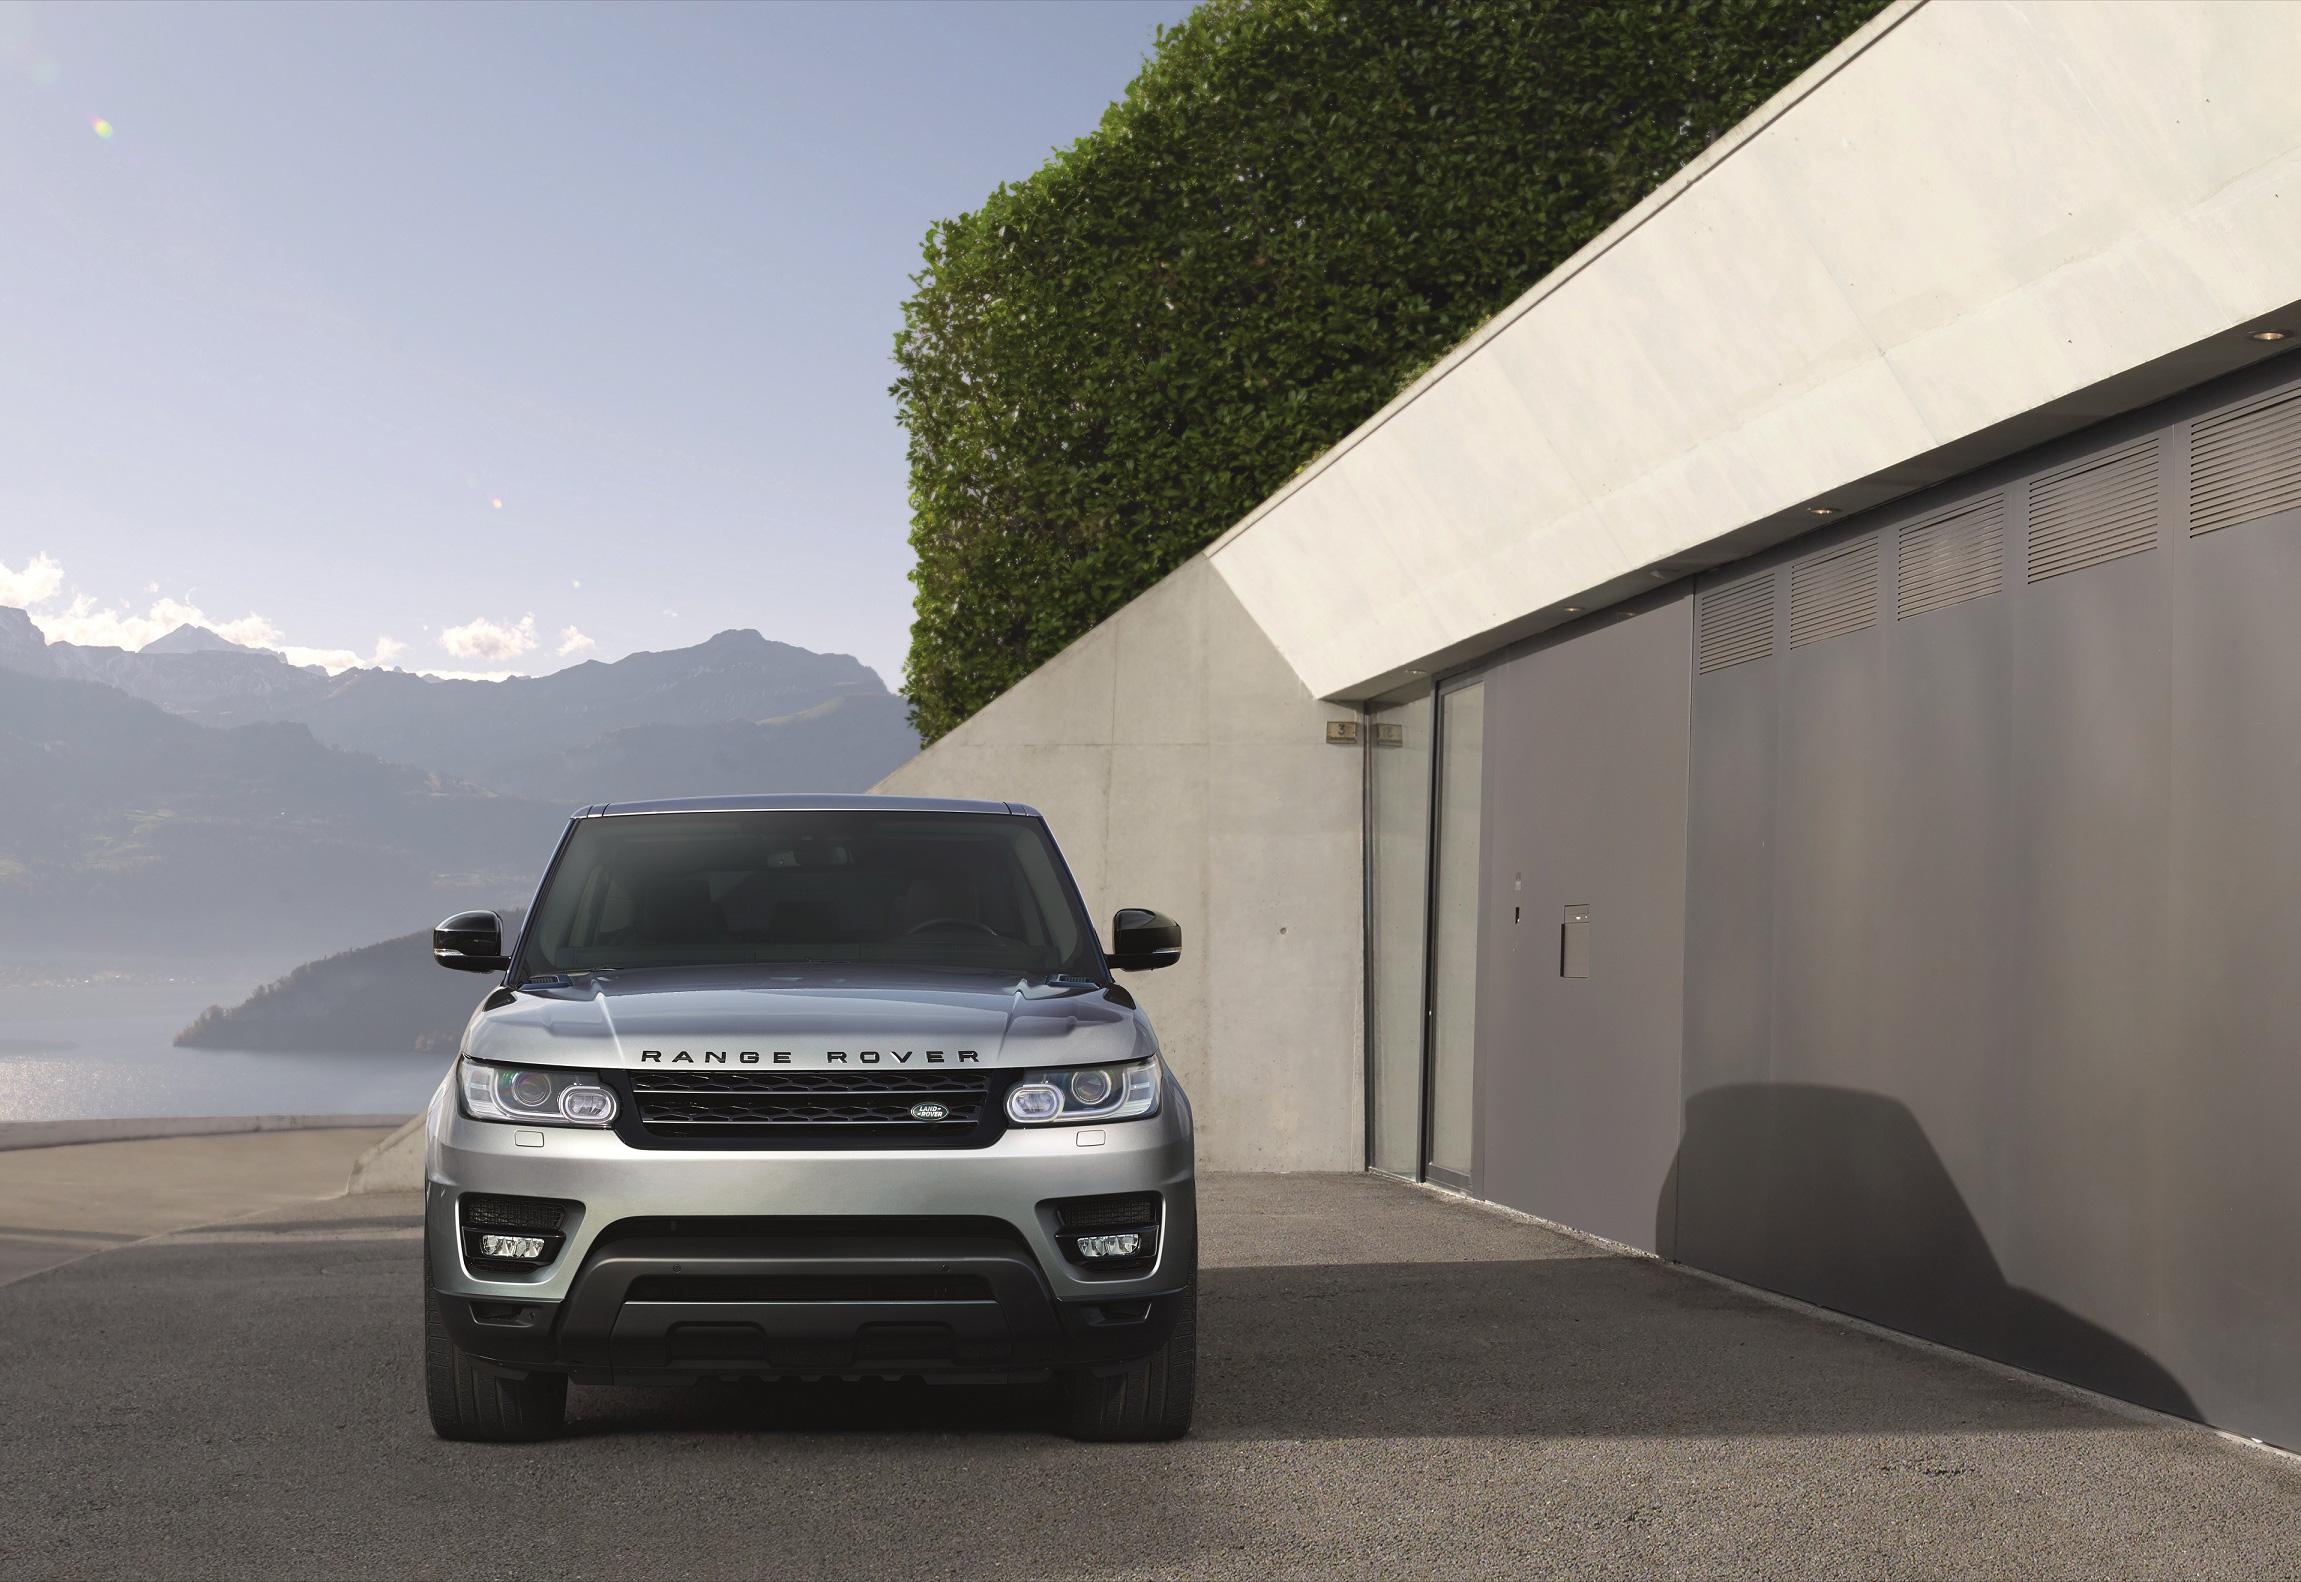 2017-Range-Rover-Sport-exterior-(5).jpg